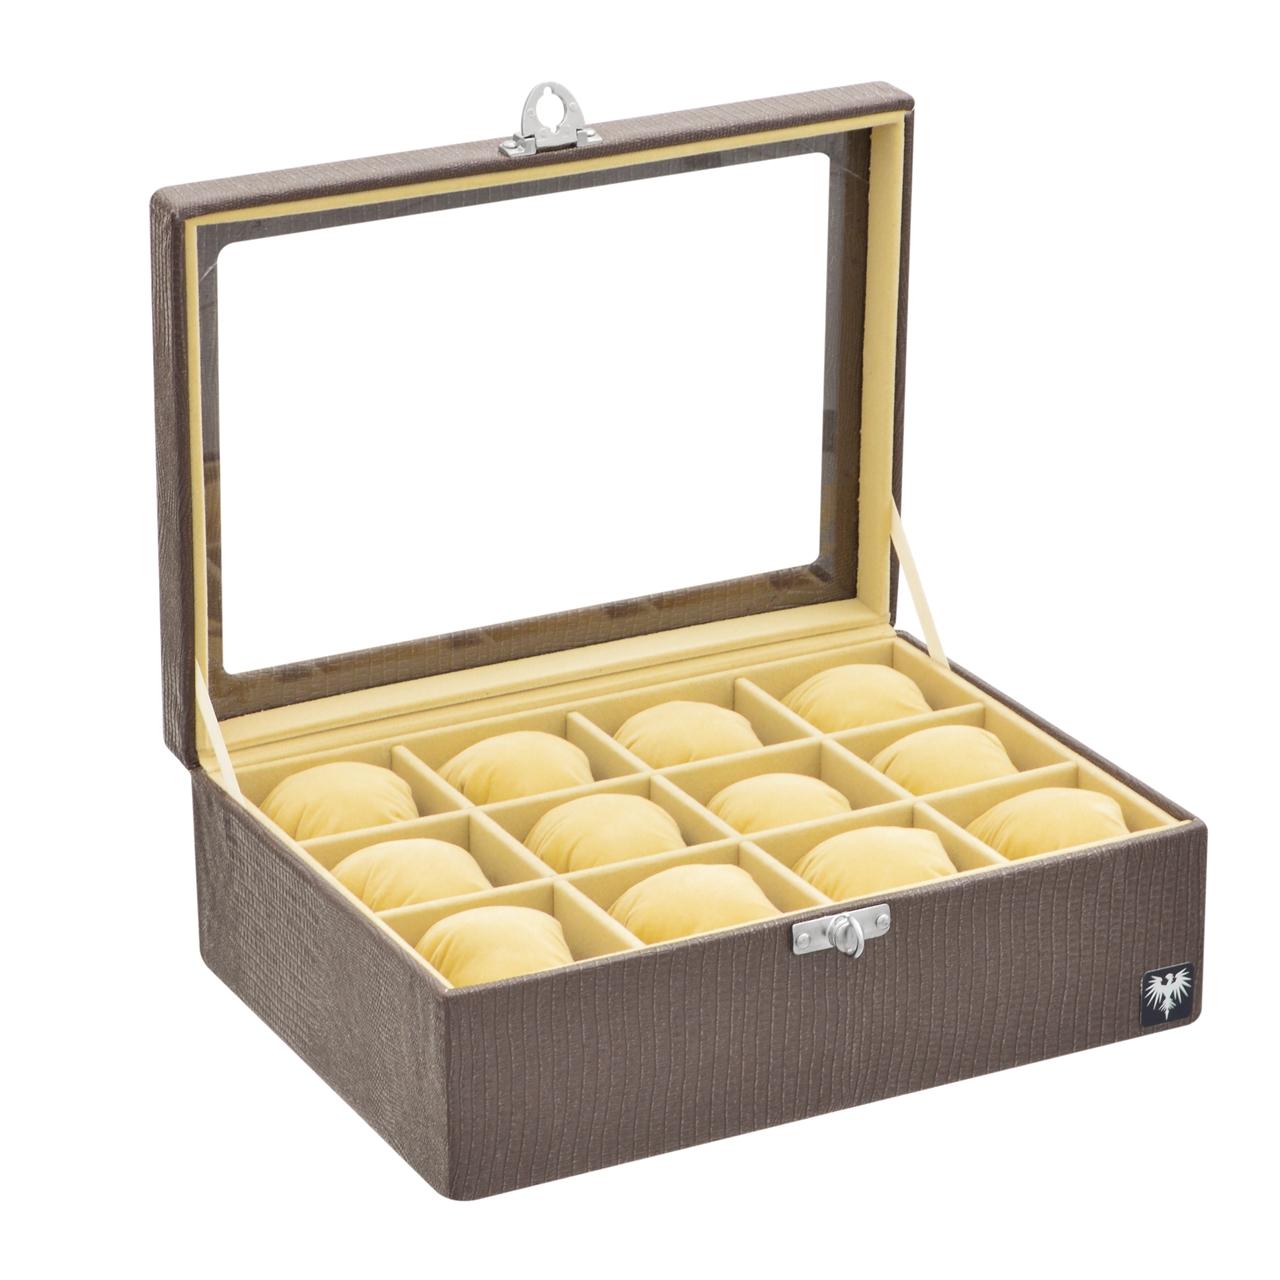 estojo-couro-ecologico-12-relogios-marrom-bege-porta-caixa-imagem-10.jpg